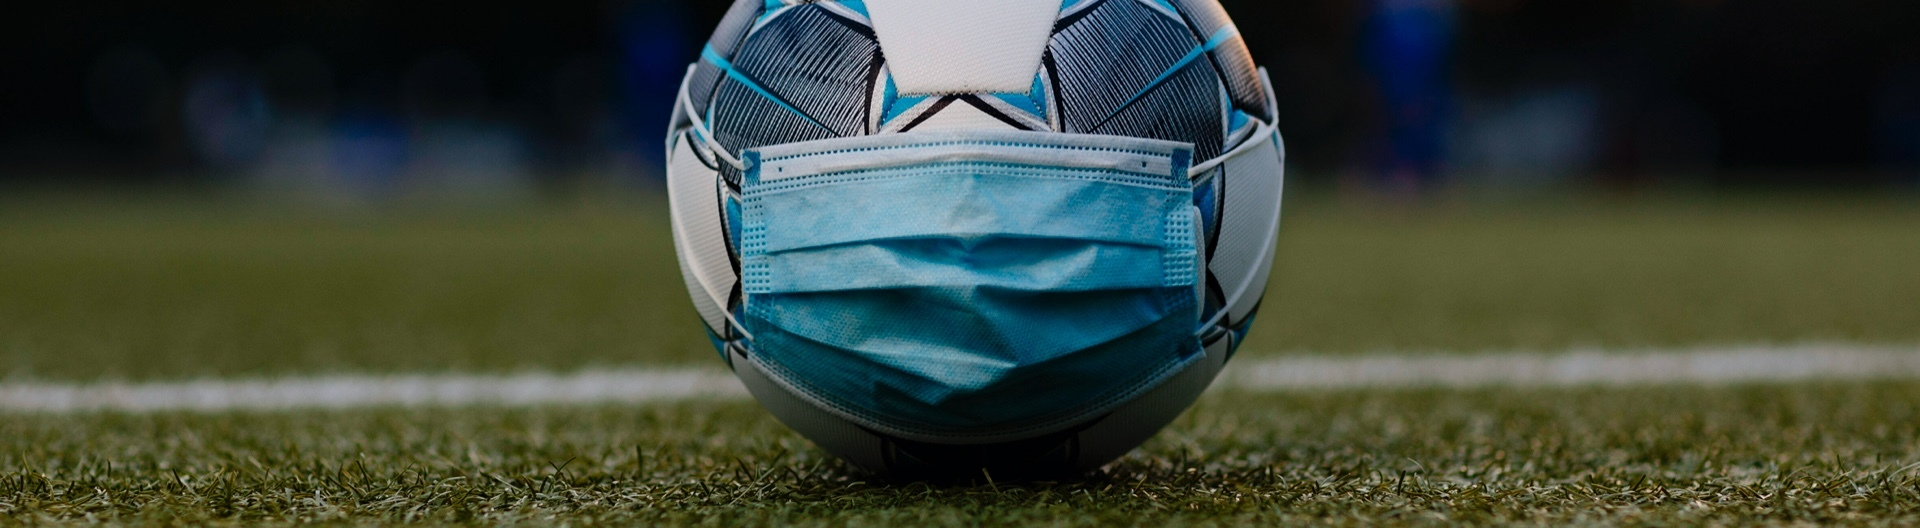 Fußball mit Mundschutz auf Fußballfeld